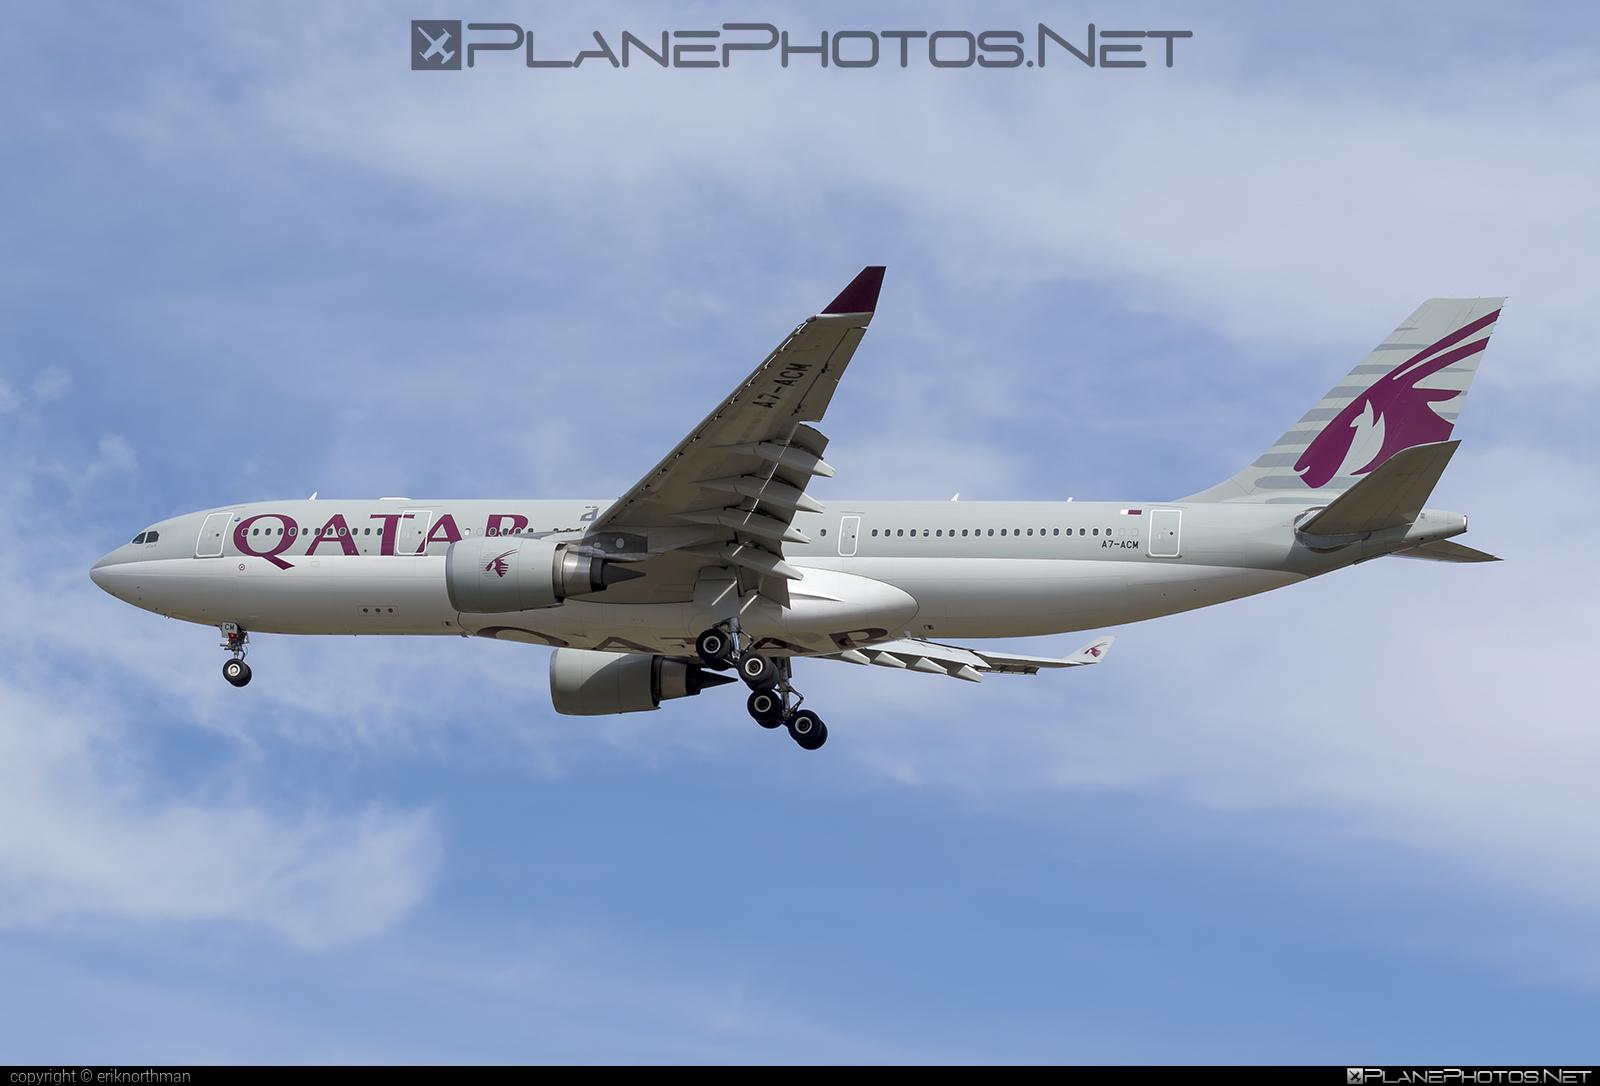 Airbus A330-202 - A7-ACM operated by Qatar Airways #a330 #a330family #airbus #airbus330 #qatarairways